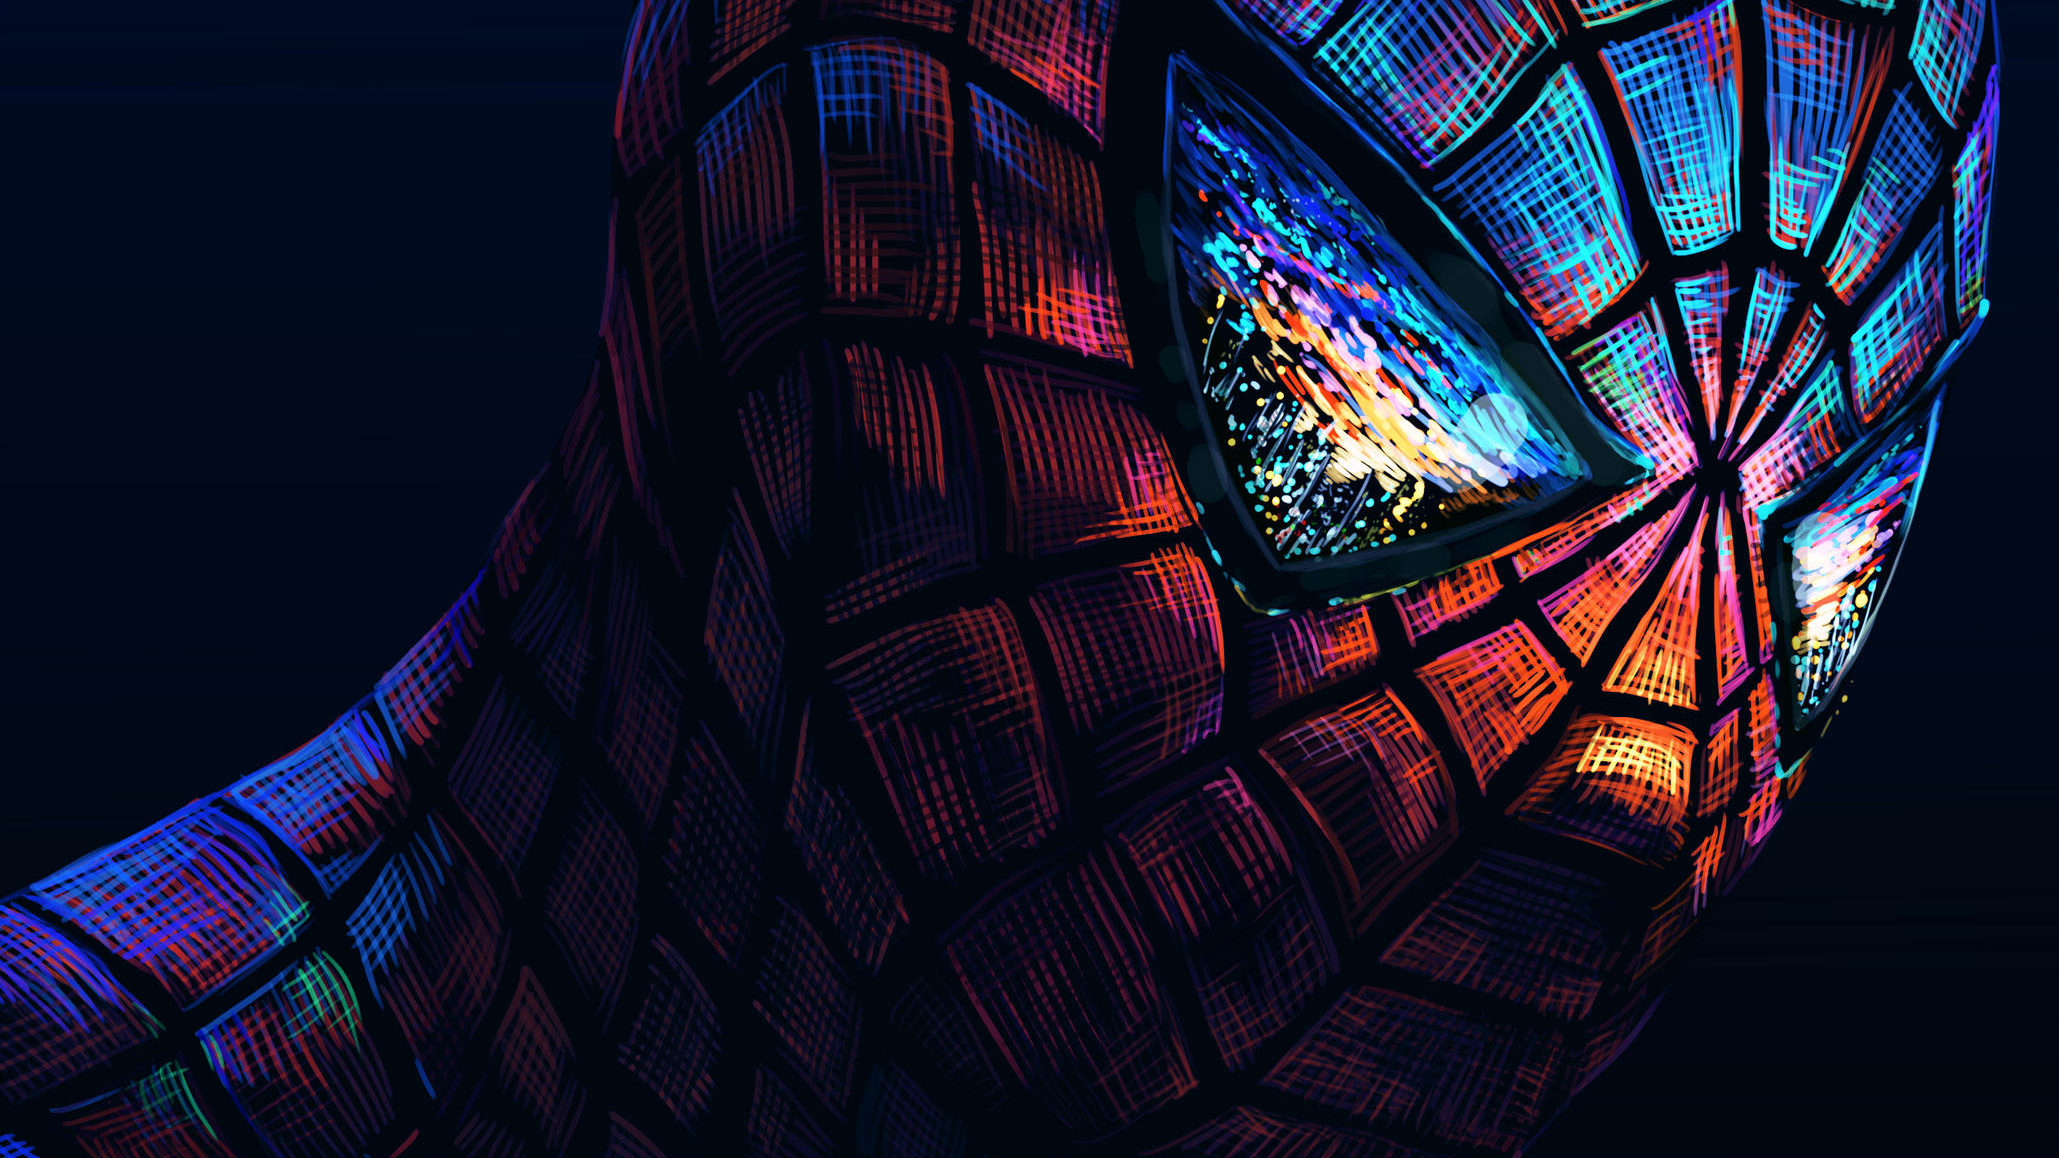 Spiderman Dark Art, HD Superheroes, 4k Wallpapers, Images ...